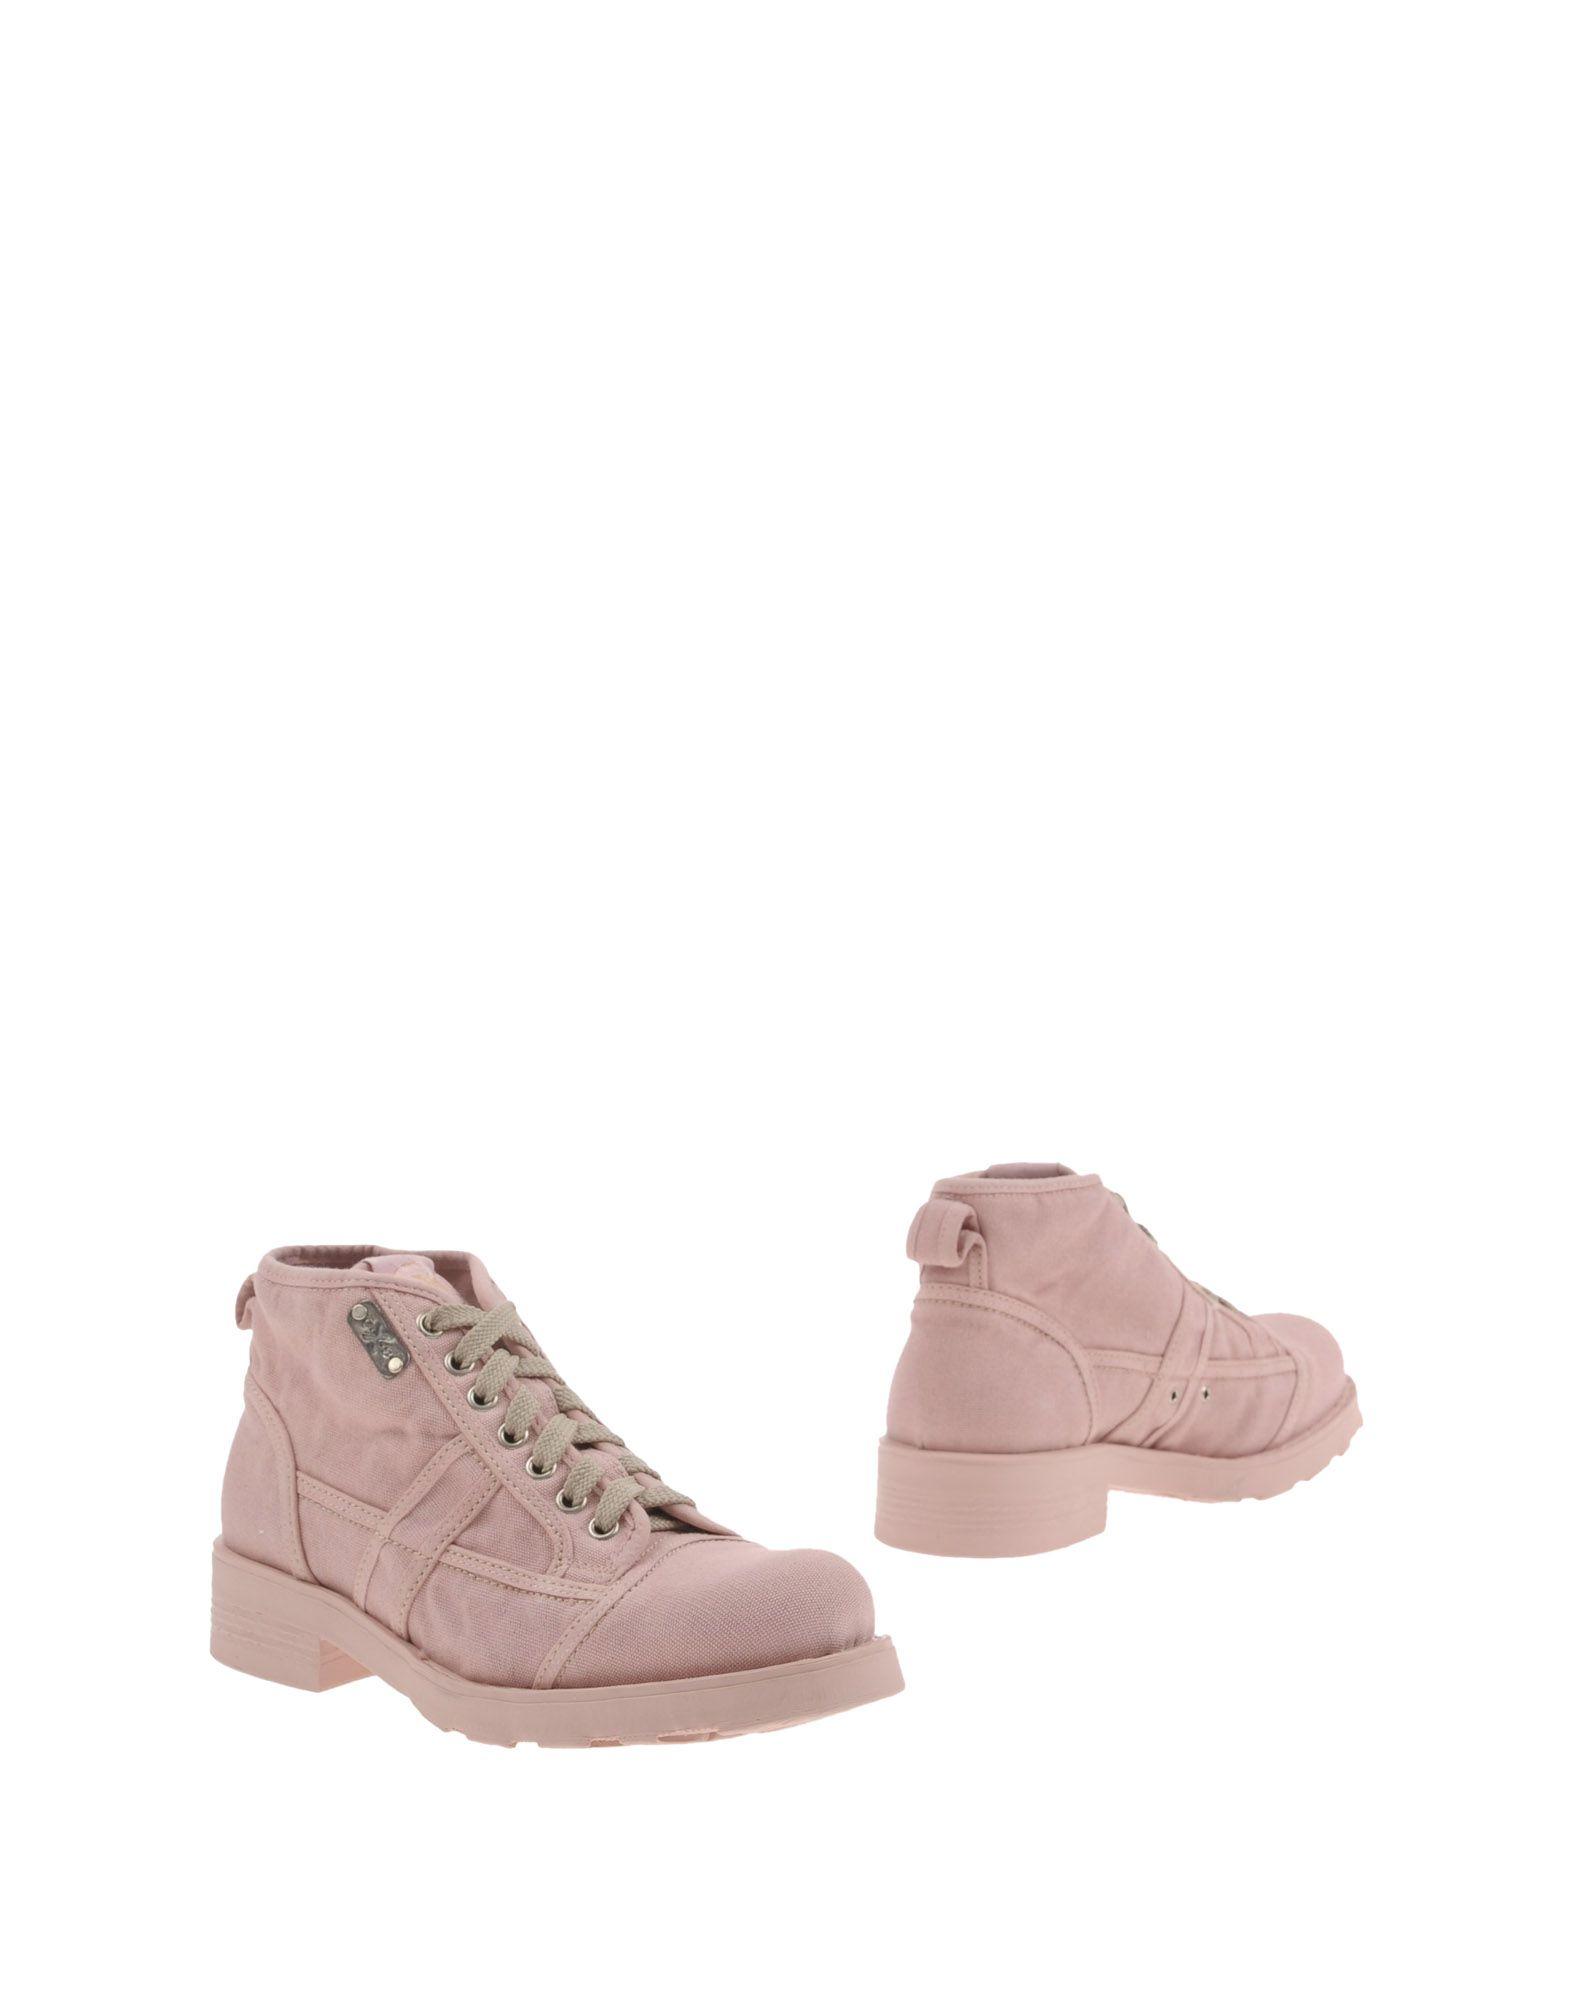 O.X.S. Gute Stiefelette Damen  11355201NN Gute O.X.S. Qualität beliebte Schuhe 8823e5